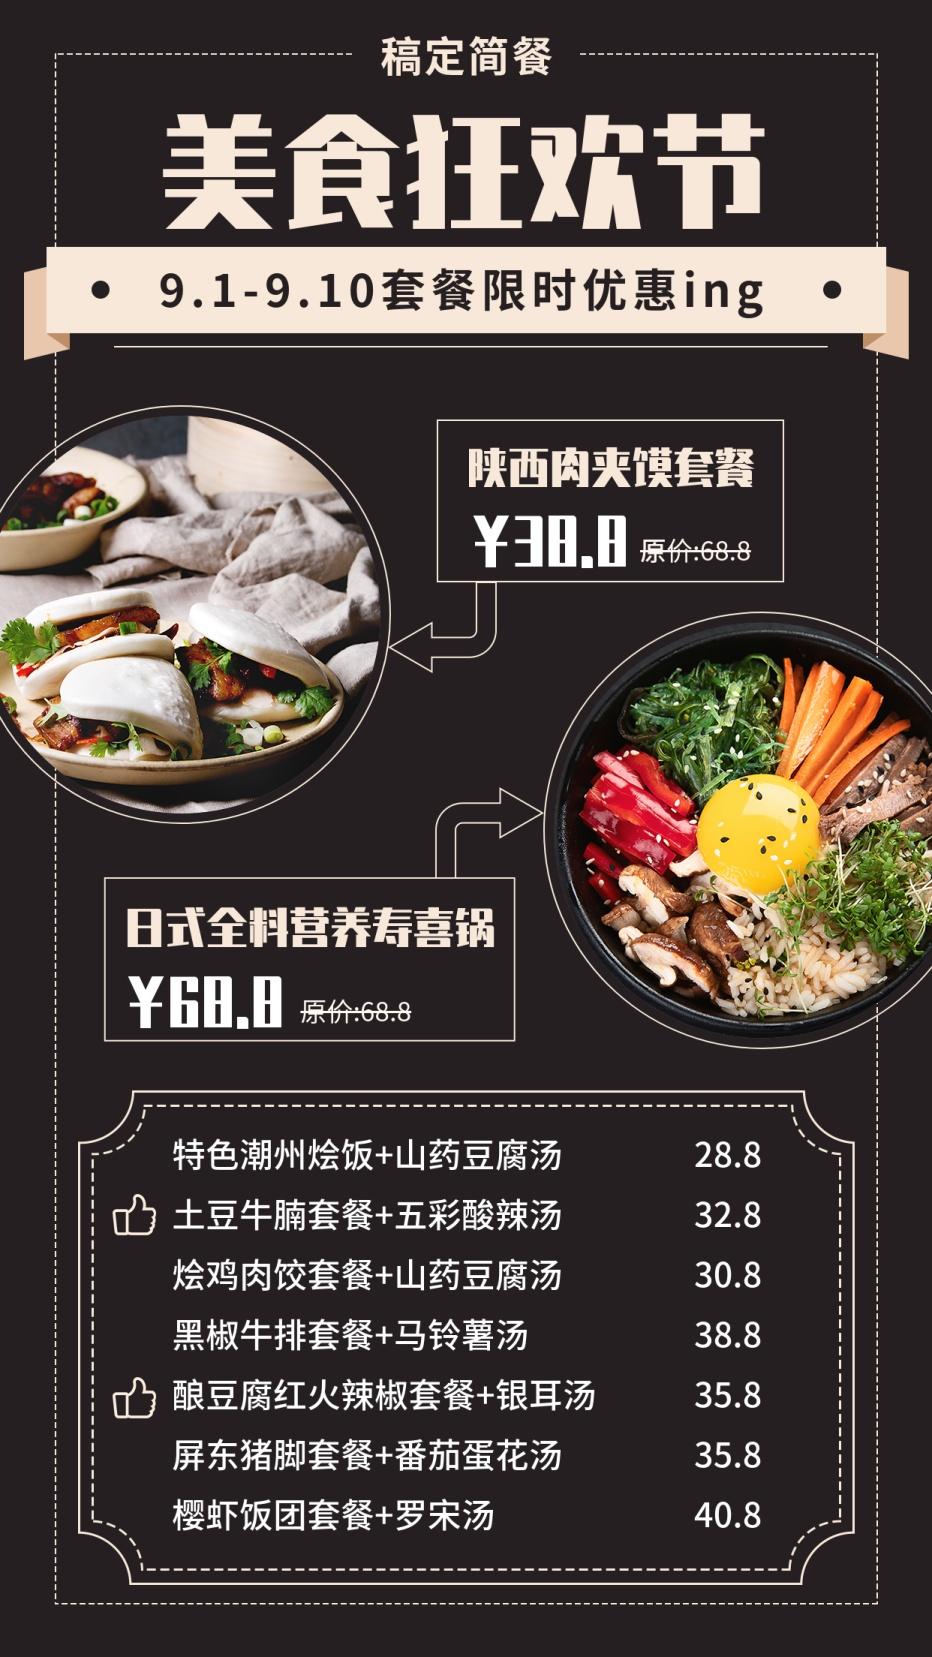 餐饮美食/美食狂欢促销/简约/手机海报